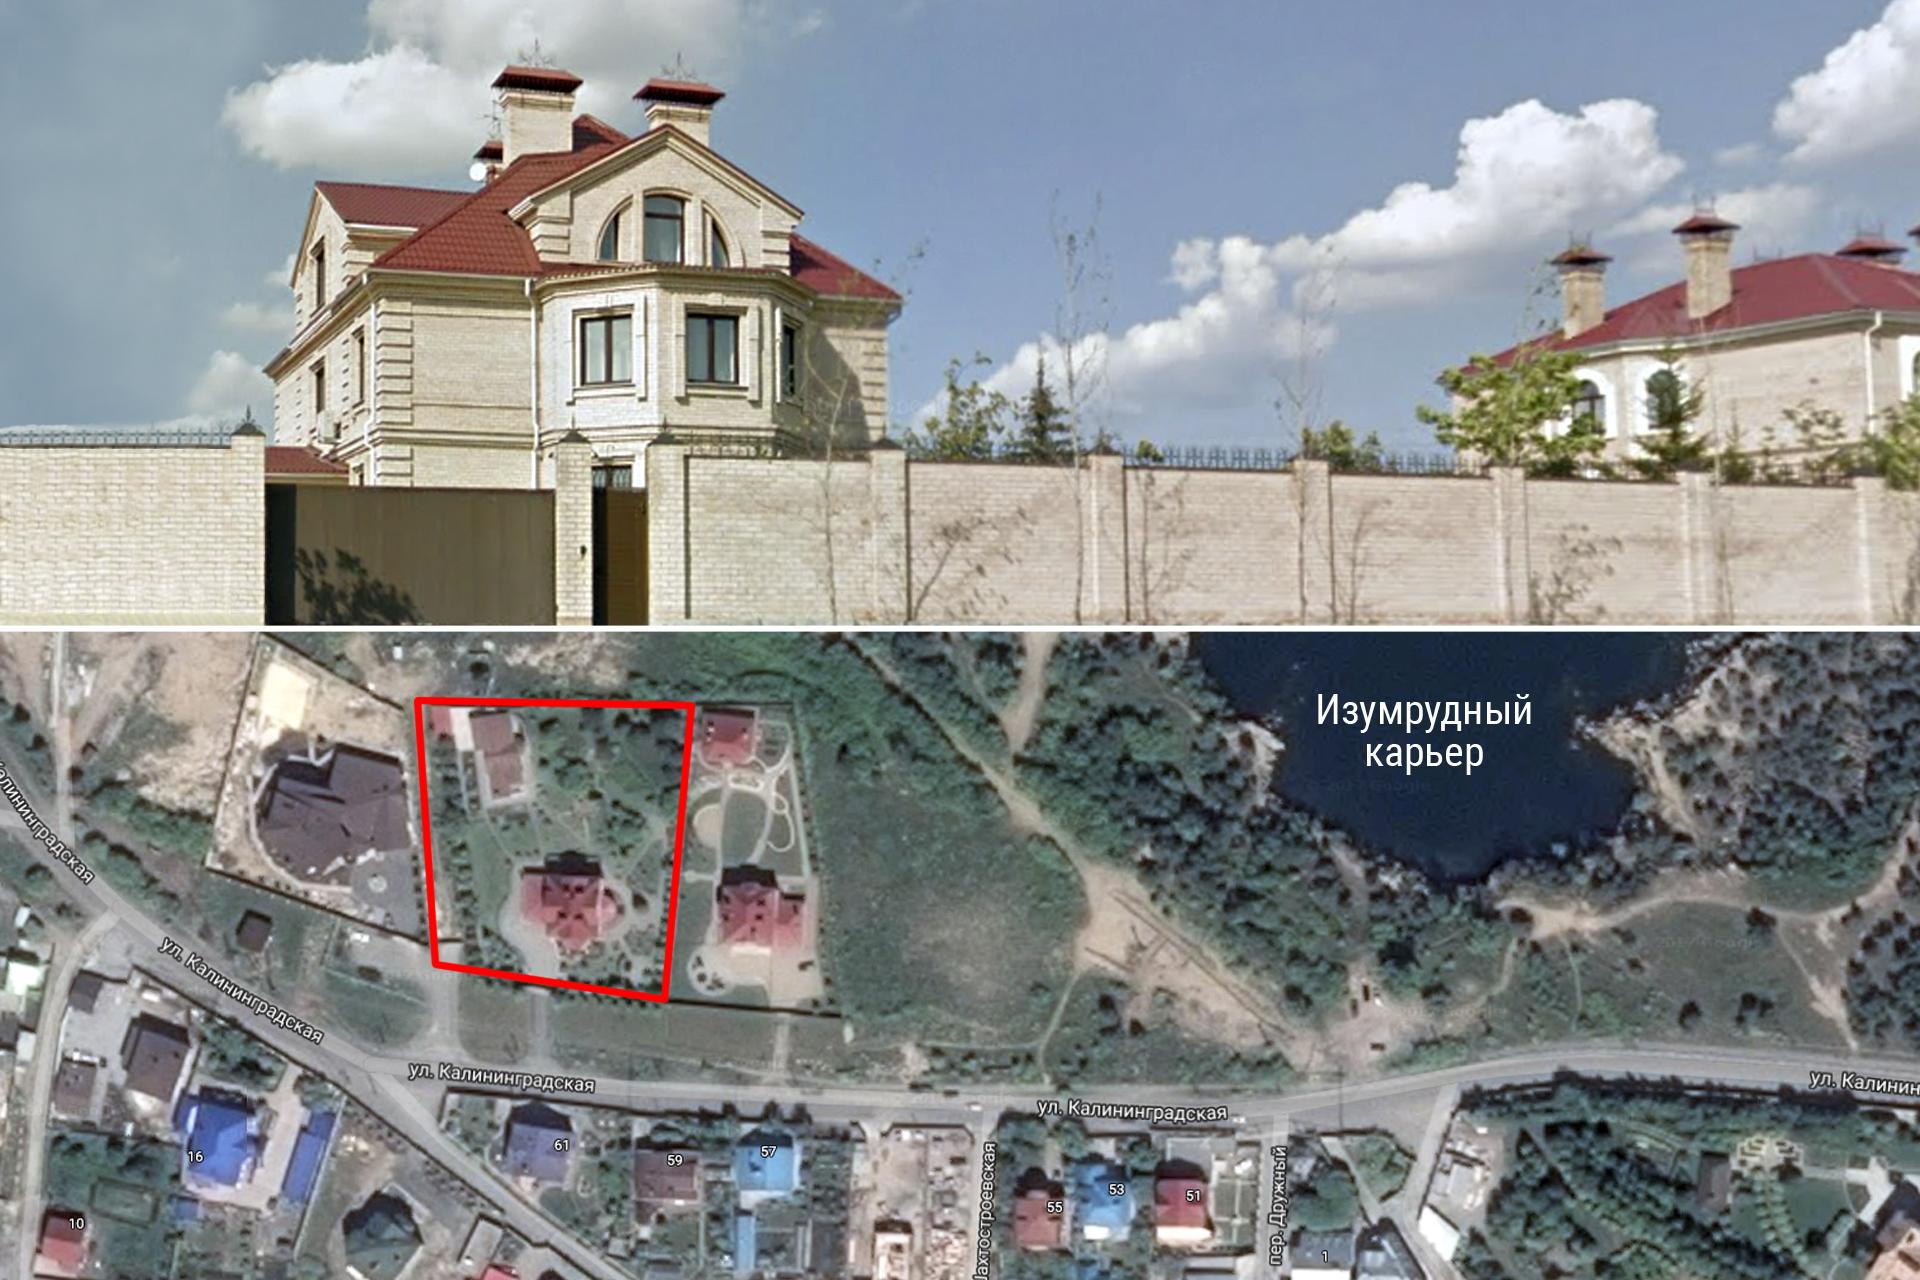 Сергей Давыдов просил суд назначить ему домашний арест по этому адресу, но получил отказ